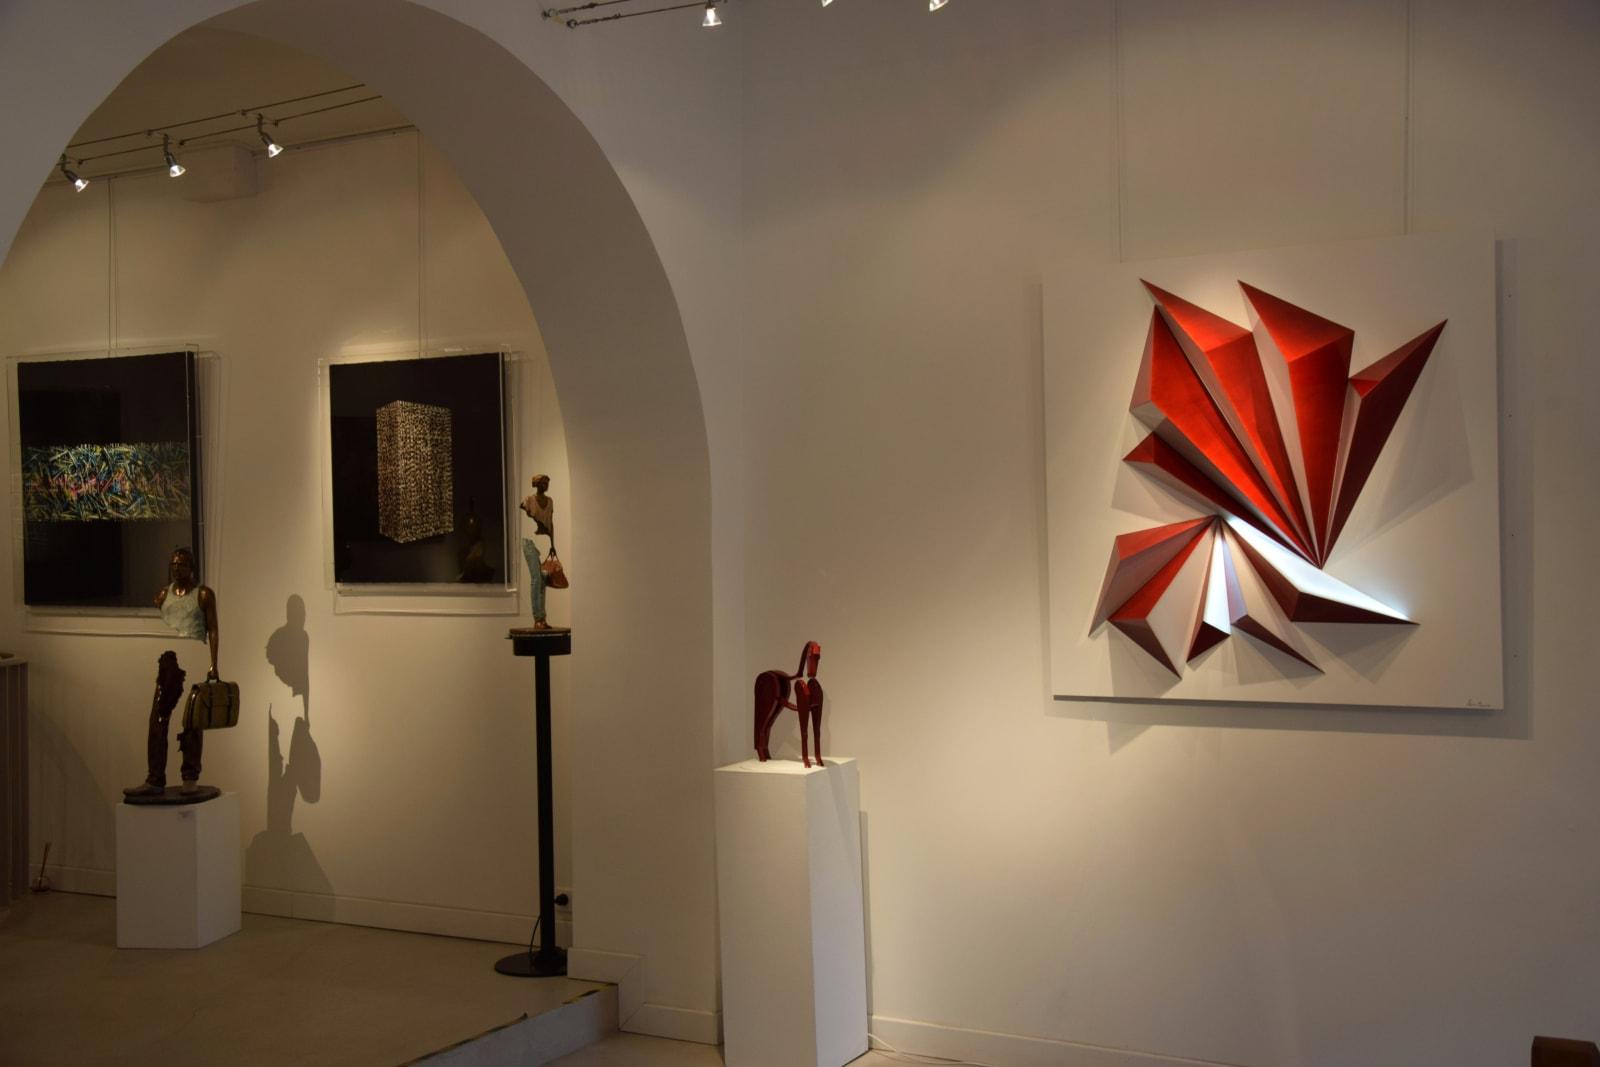 De Medicis Gallery Paris